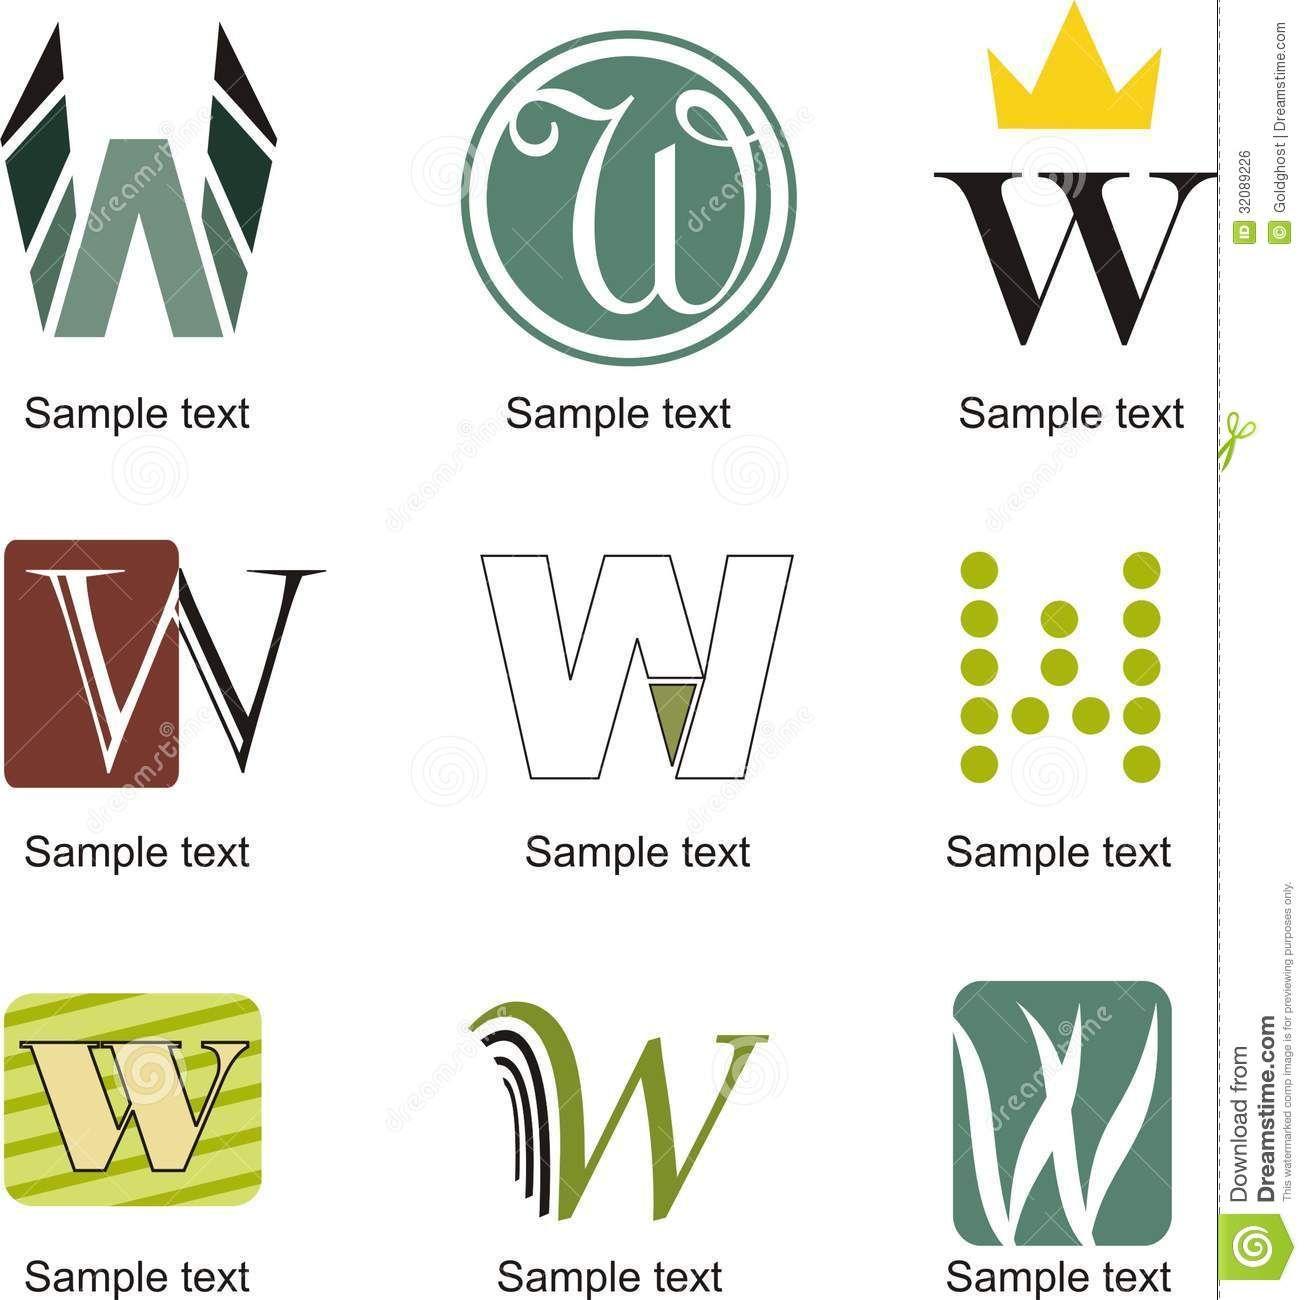 lettre*typographie*w - Recherche Google